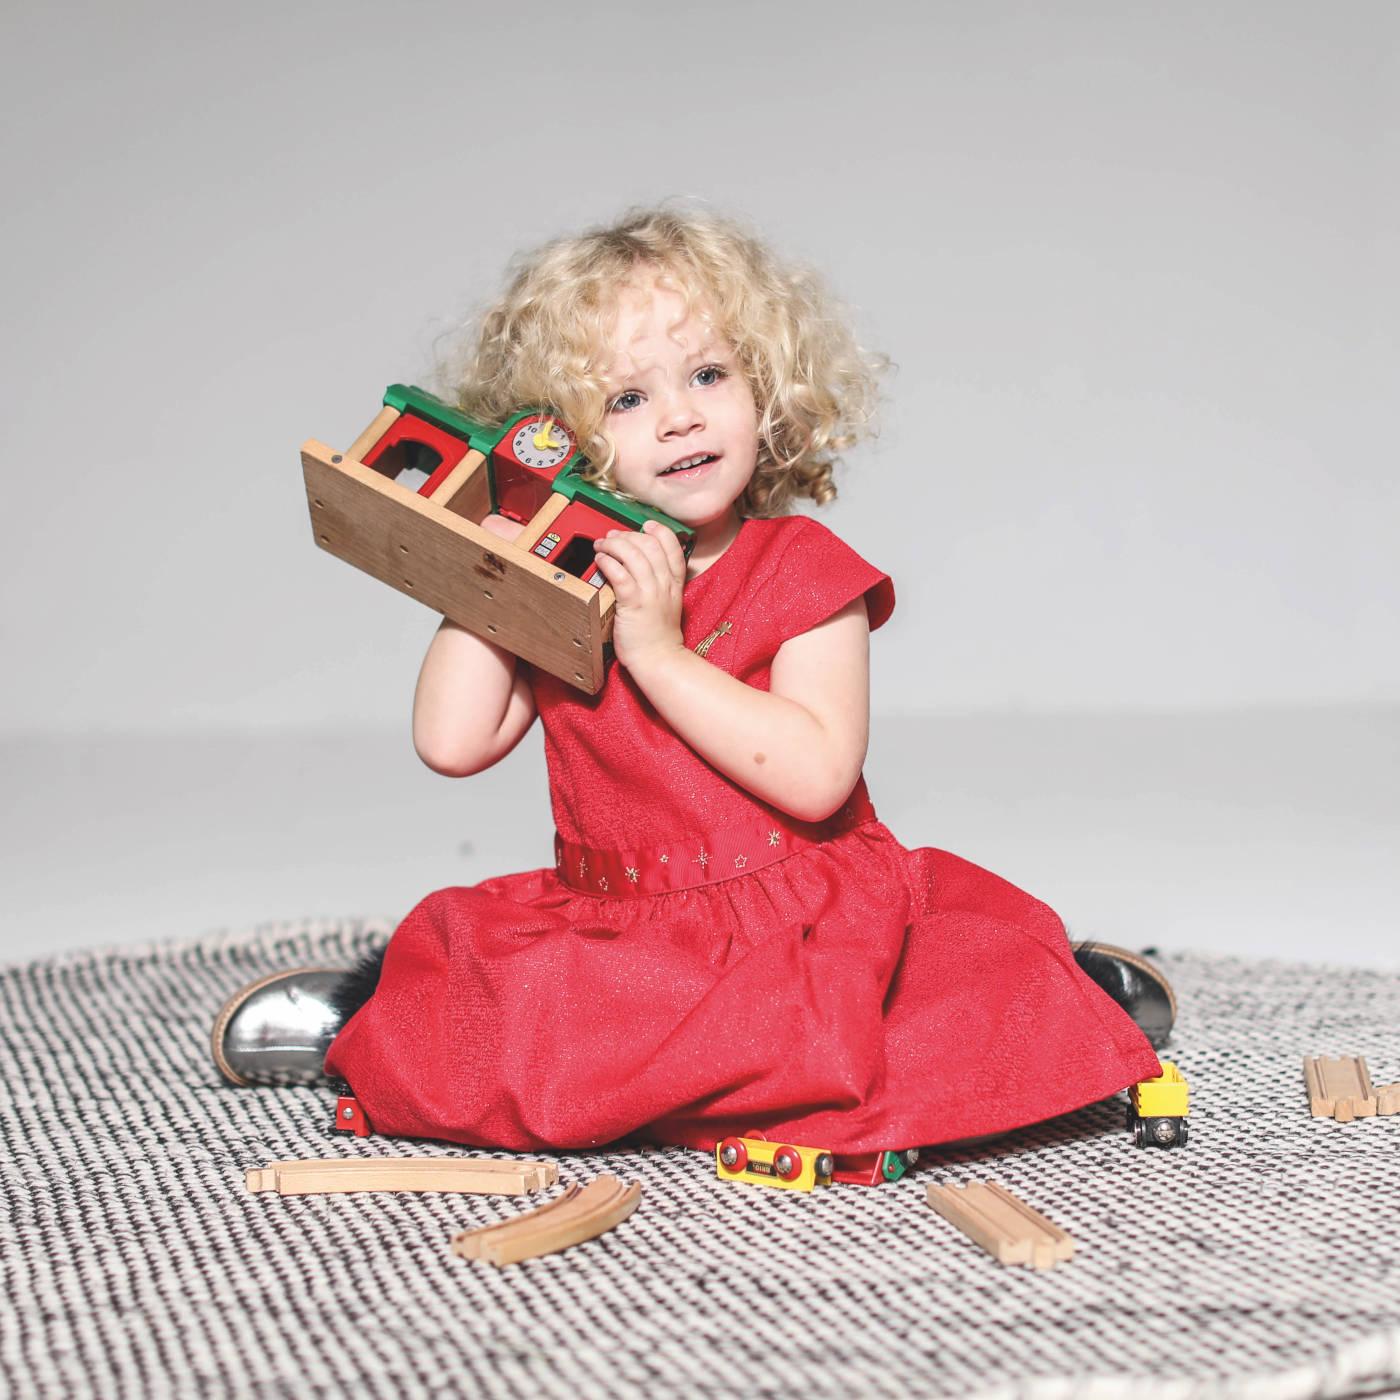 Gutes Spielzeug für Kinder: Holzeisenbahn Bahnhof // HIMBEER